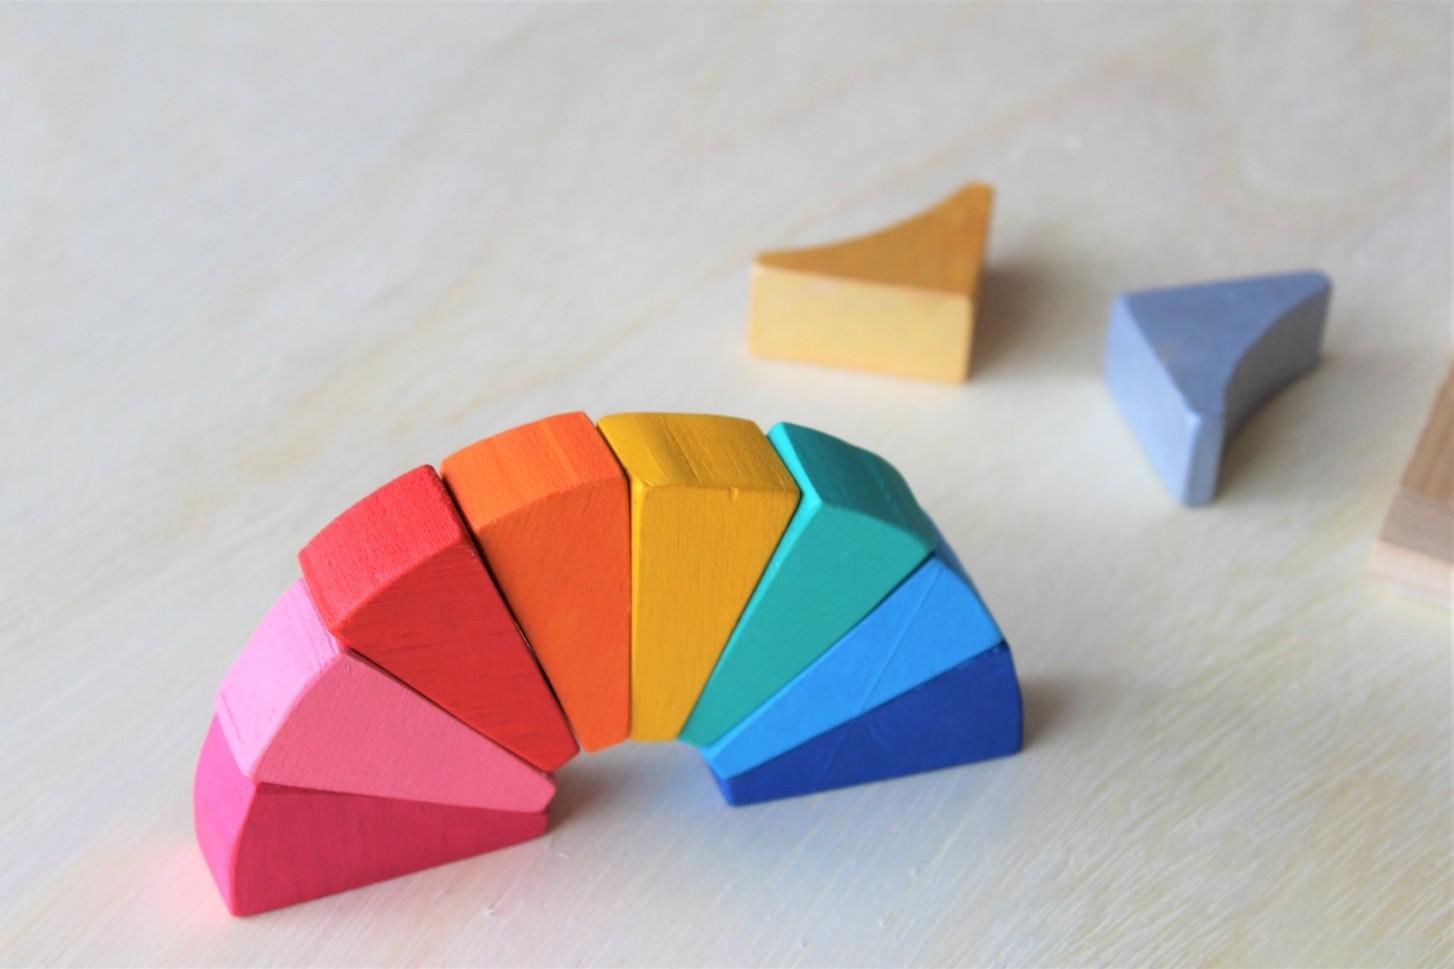 Brinquedo de madeira - Arco-íris Diferente 2, Cód. PP-014